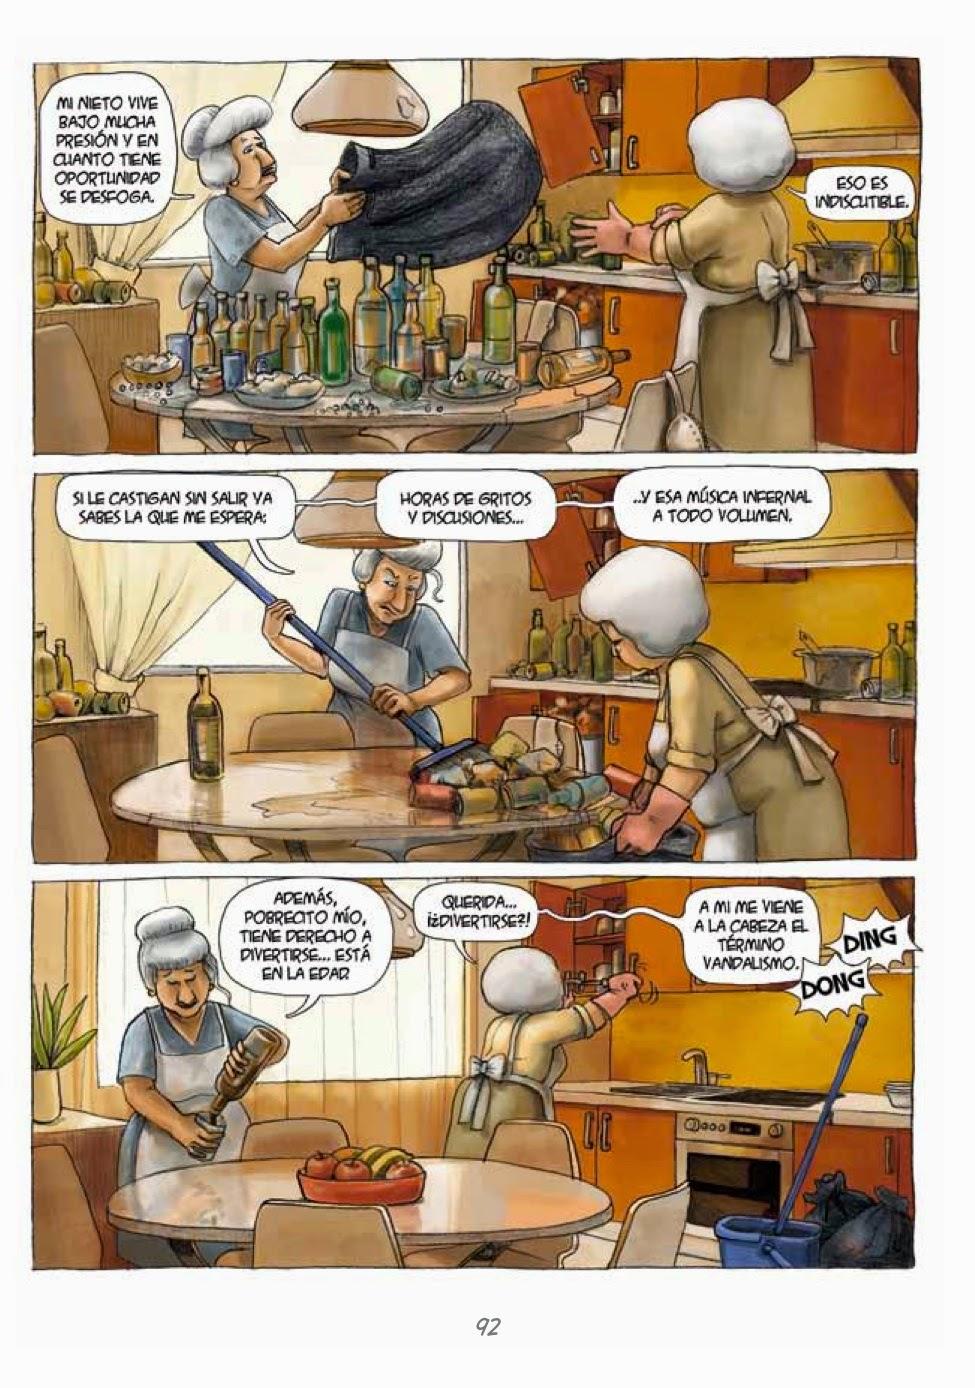 Recuerdos de Perrito de Mierda # 92 by Marta Alonso Berna, Dibbuks, March, 2014